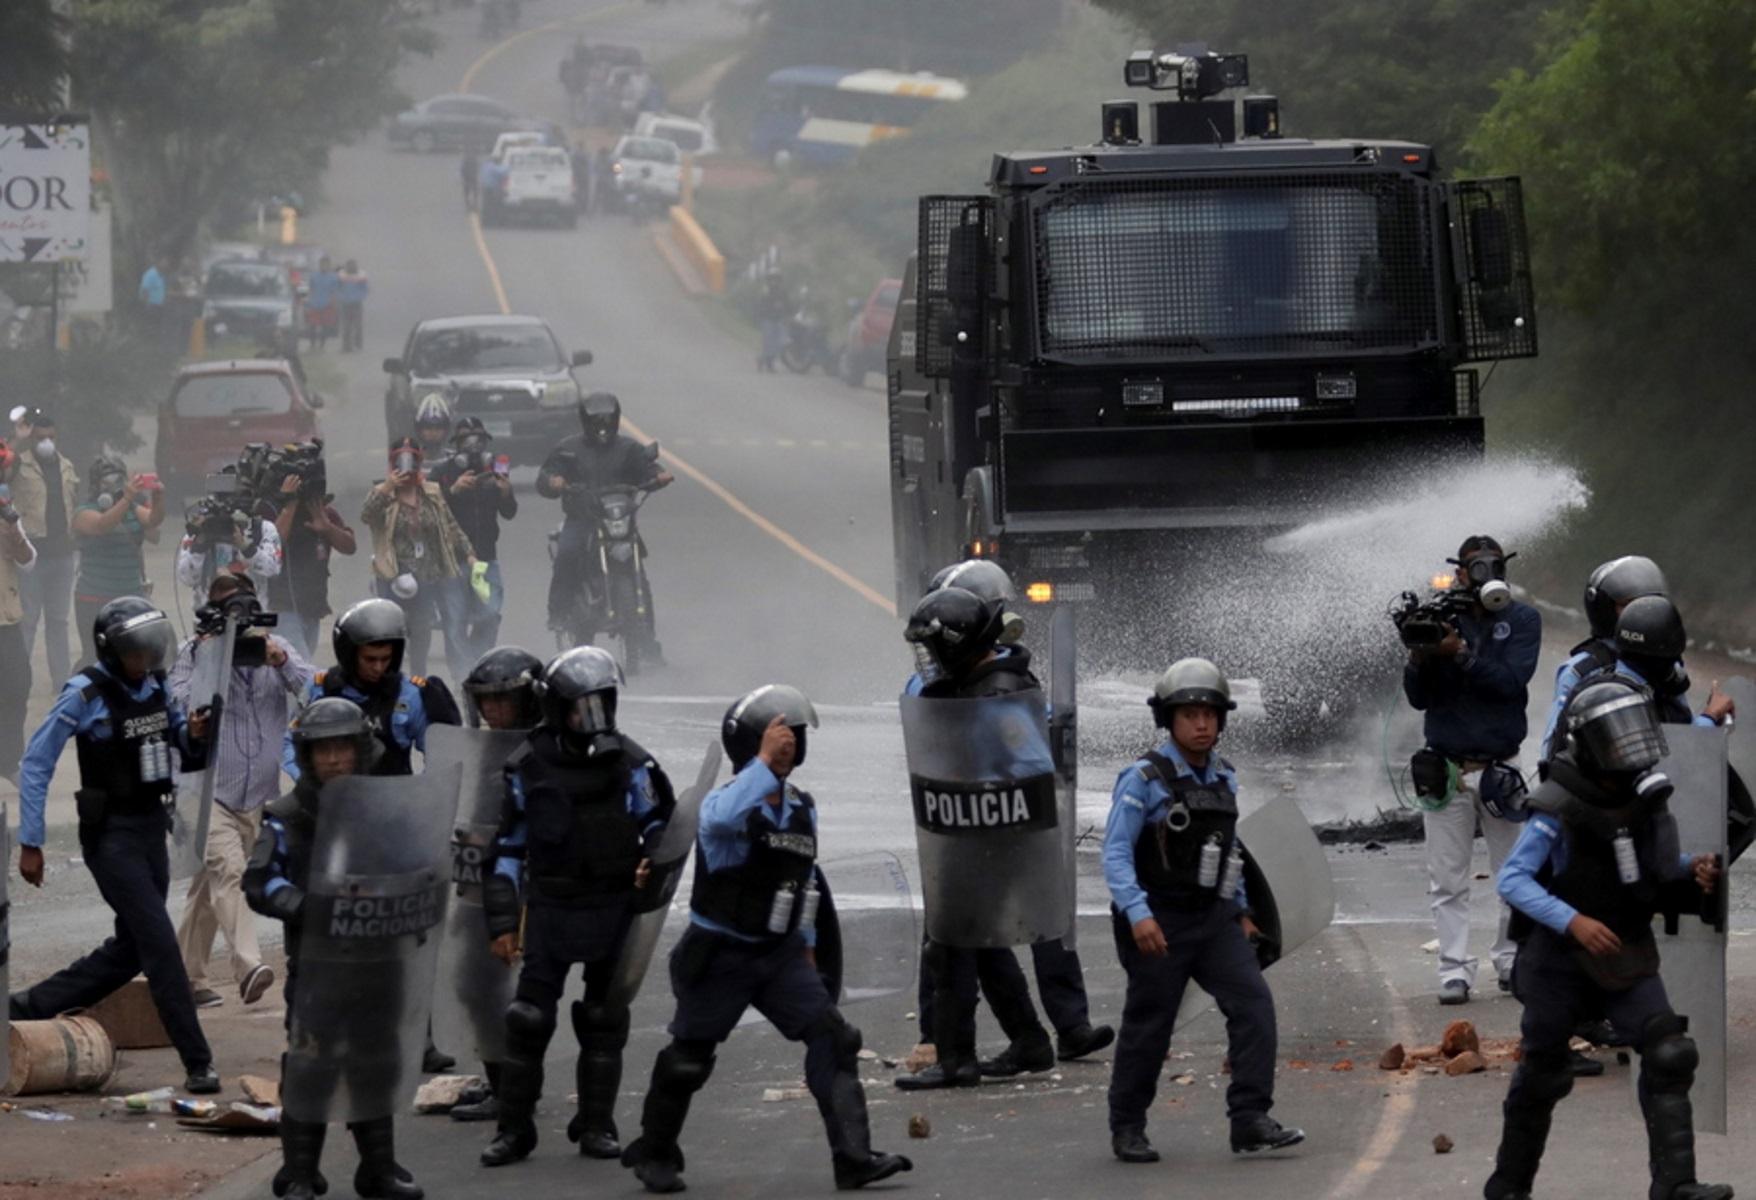 Ονδούρα: Τουλάχιστον 18 νεκροί και άλλοι 16 τραυματίες σε συμπλοκές μέσα σε φυλακή